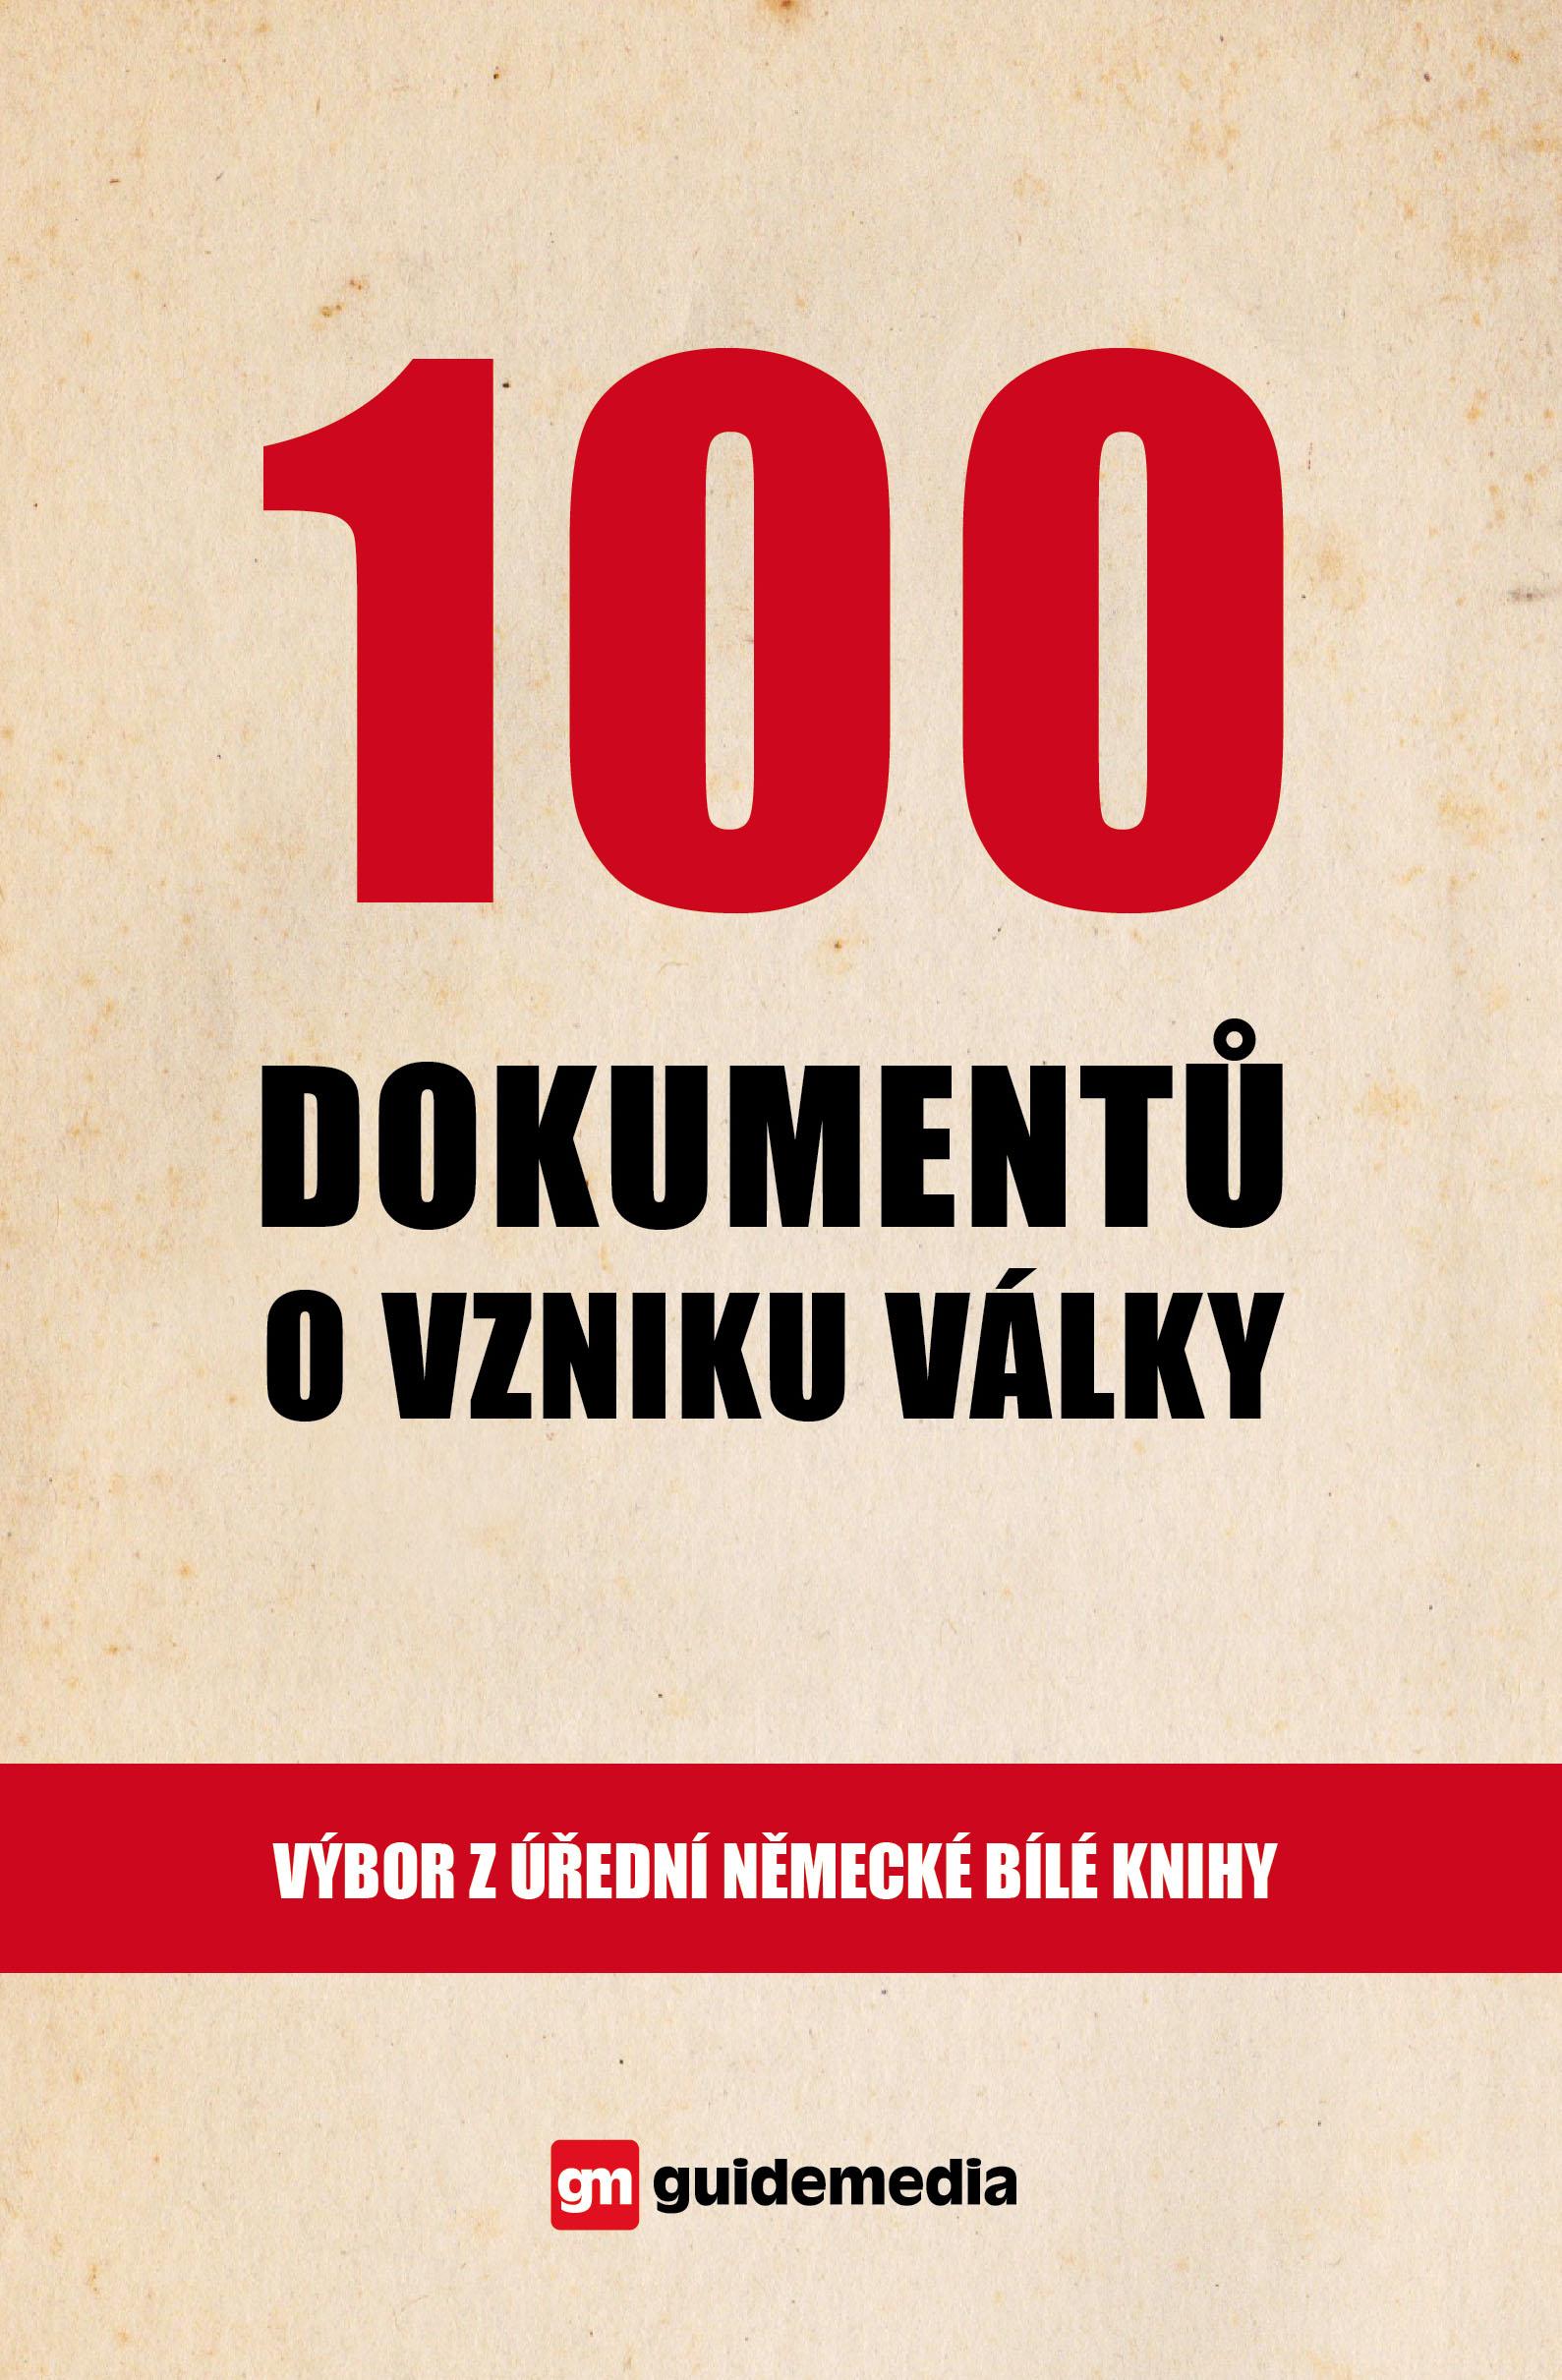 100 dokumentů o vzniku války - Výbor z úřední německé Bílé knihy